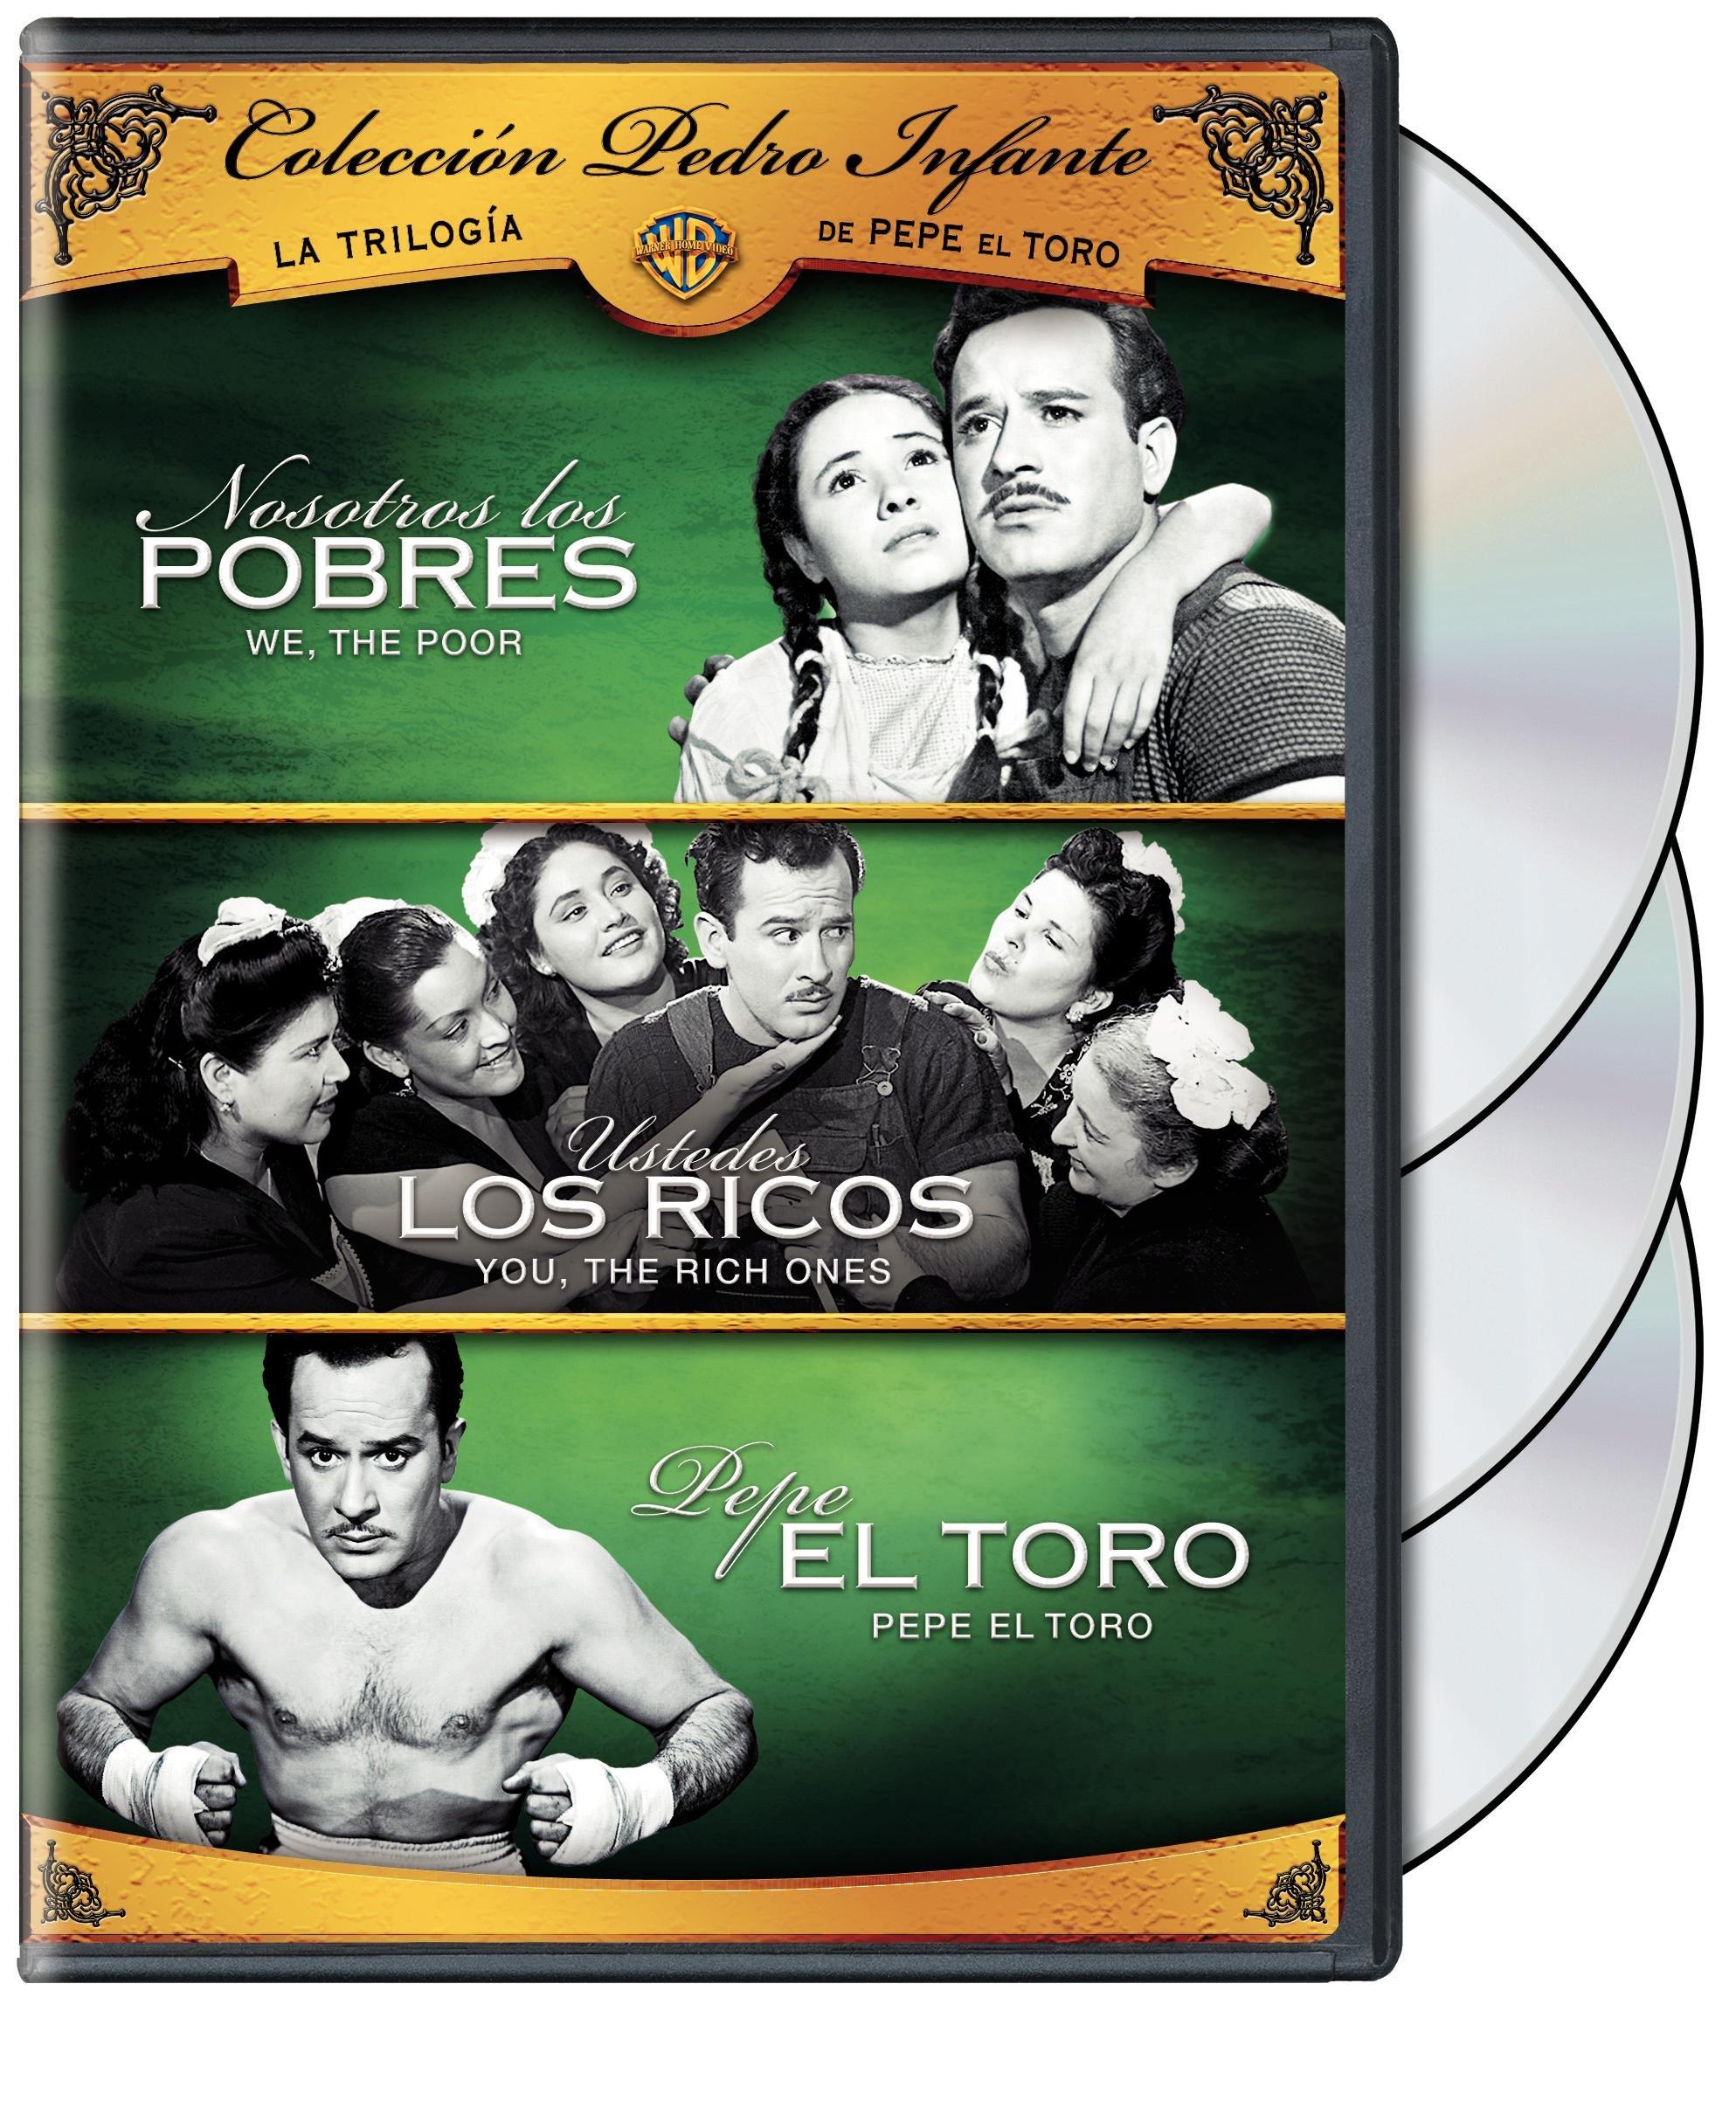 Coleccion Pedro Infante: La Trilogia de Pepe El Toro (3FE) by Warner Home Video